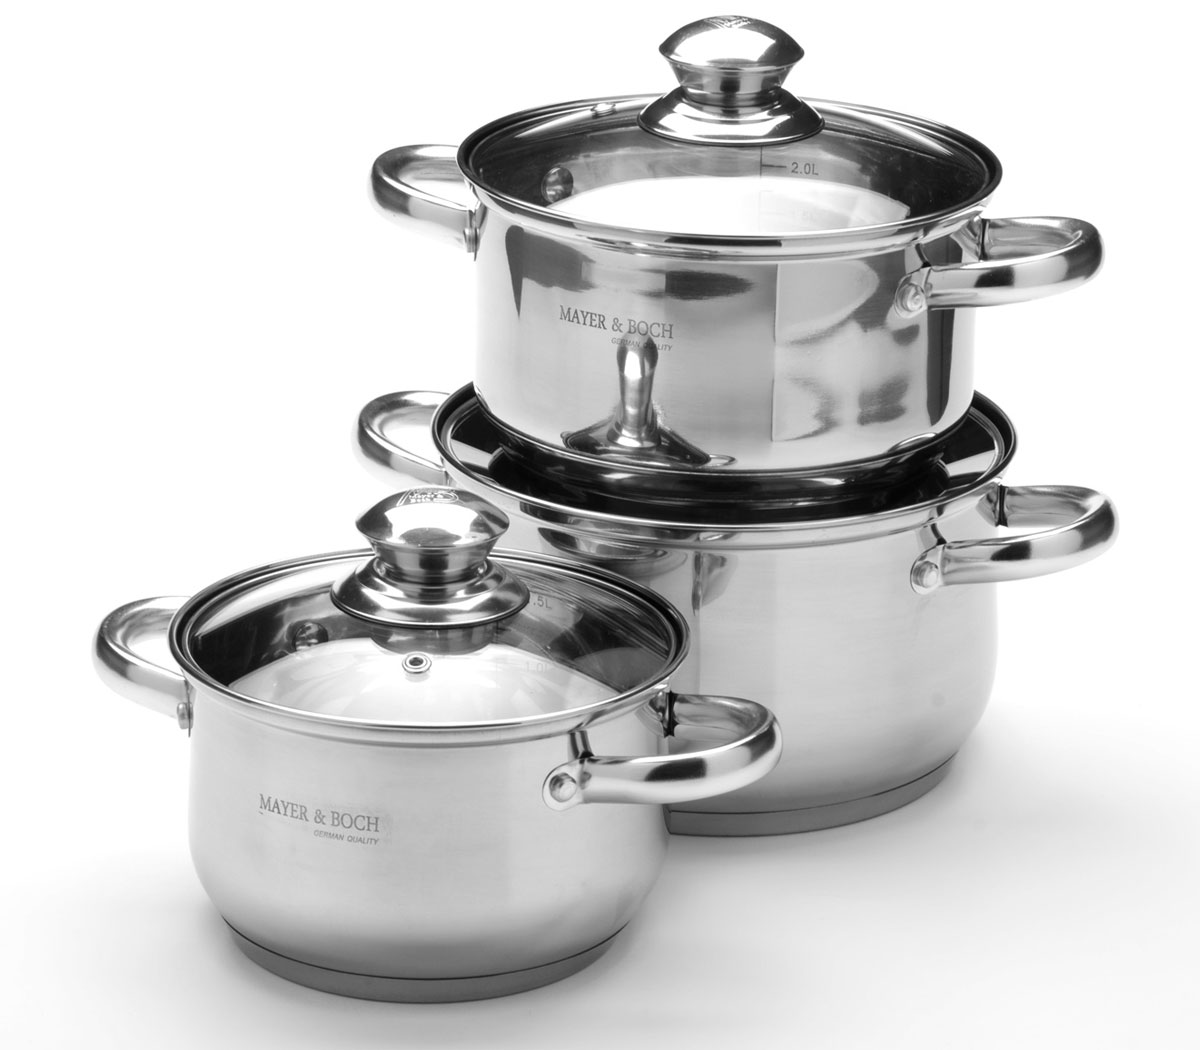 Набор посуды Mayer & Boch, 6 предметов. 25664256642,1+2,9+3,9